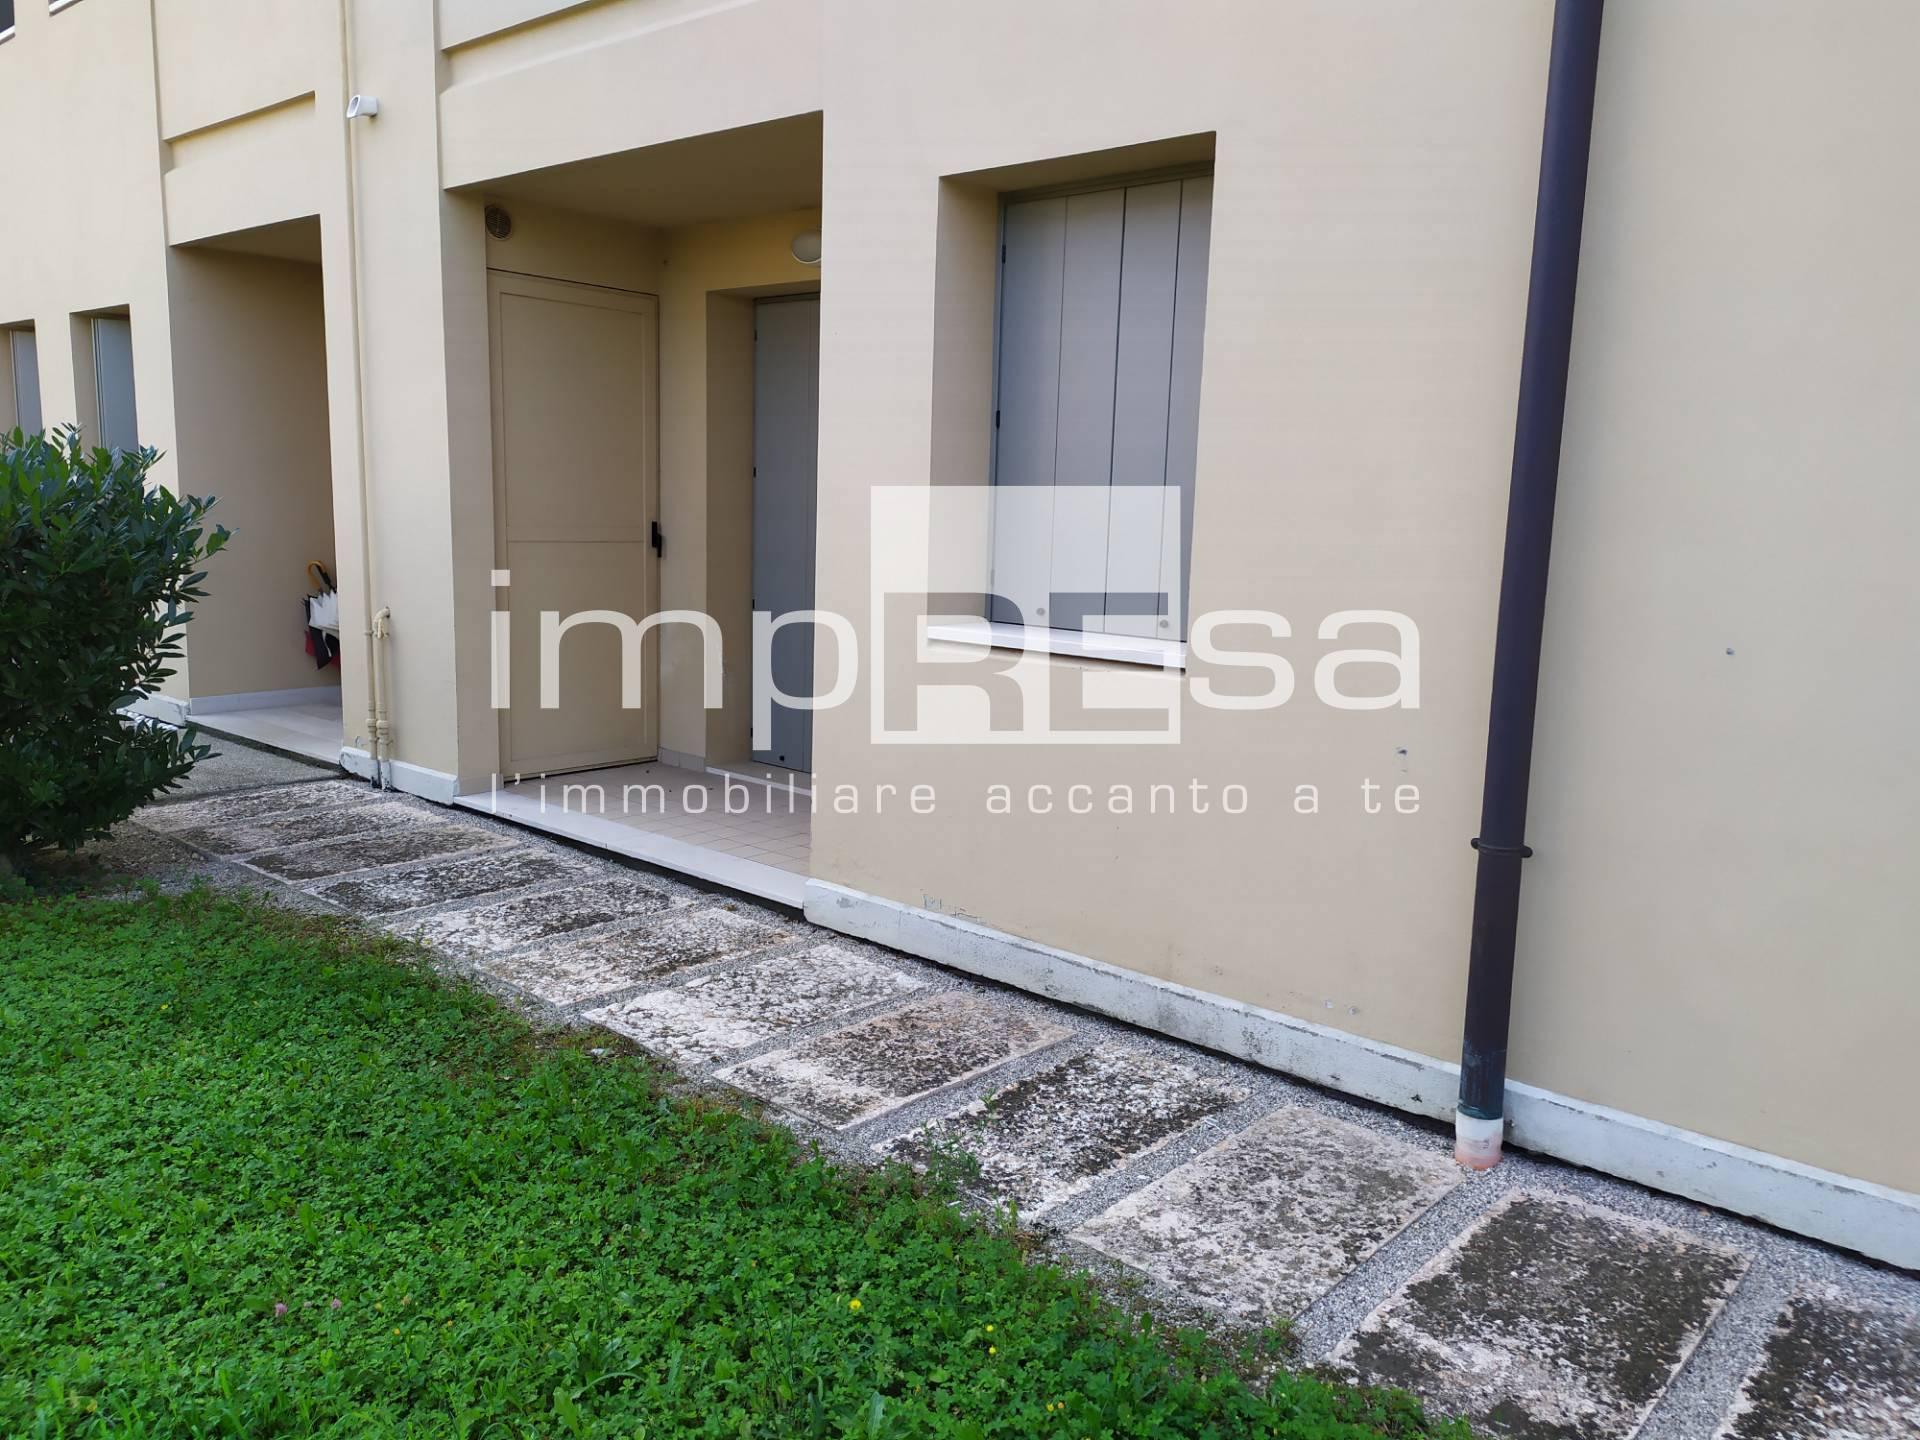 Appartamento in vendita a Mareno di Piave, 3 locali, prezzo € 90.000 | PortaleAgenzieImmobiliari.it